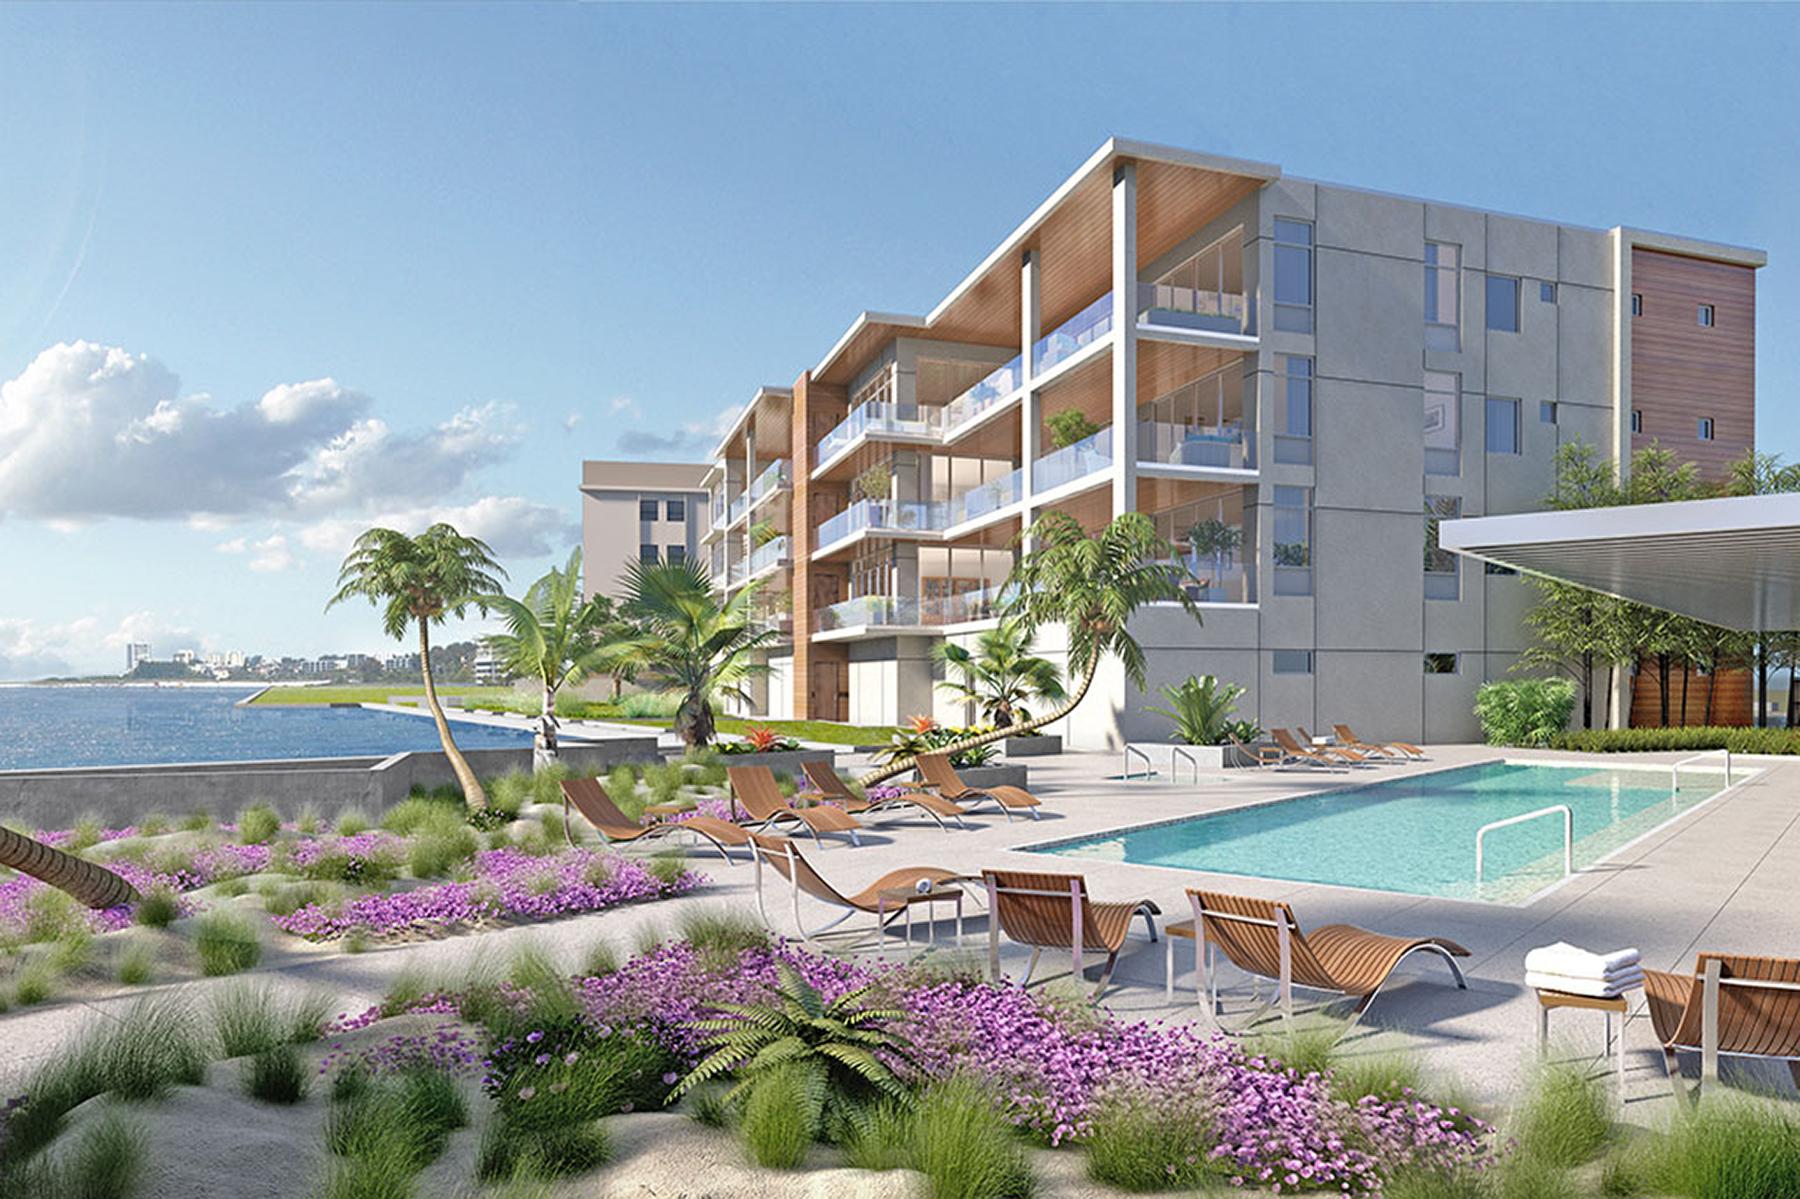 Kat Mülkiyeti için Satış at 4740 Ocean Blvd , 301 Penthou, Sarasota, FL 34242 4740 Ocean Blvd 301 Penthou Sarasota, Florida, 34242 Amerika Birleşik Devletleri